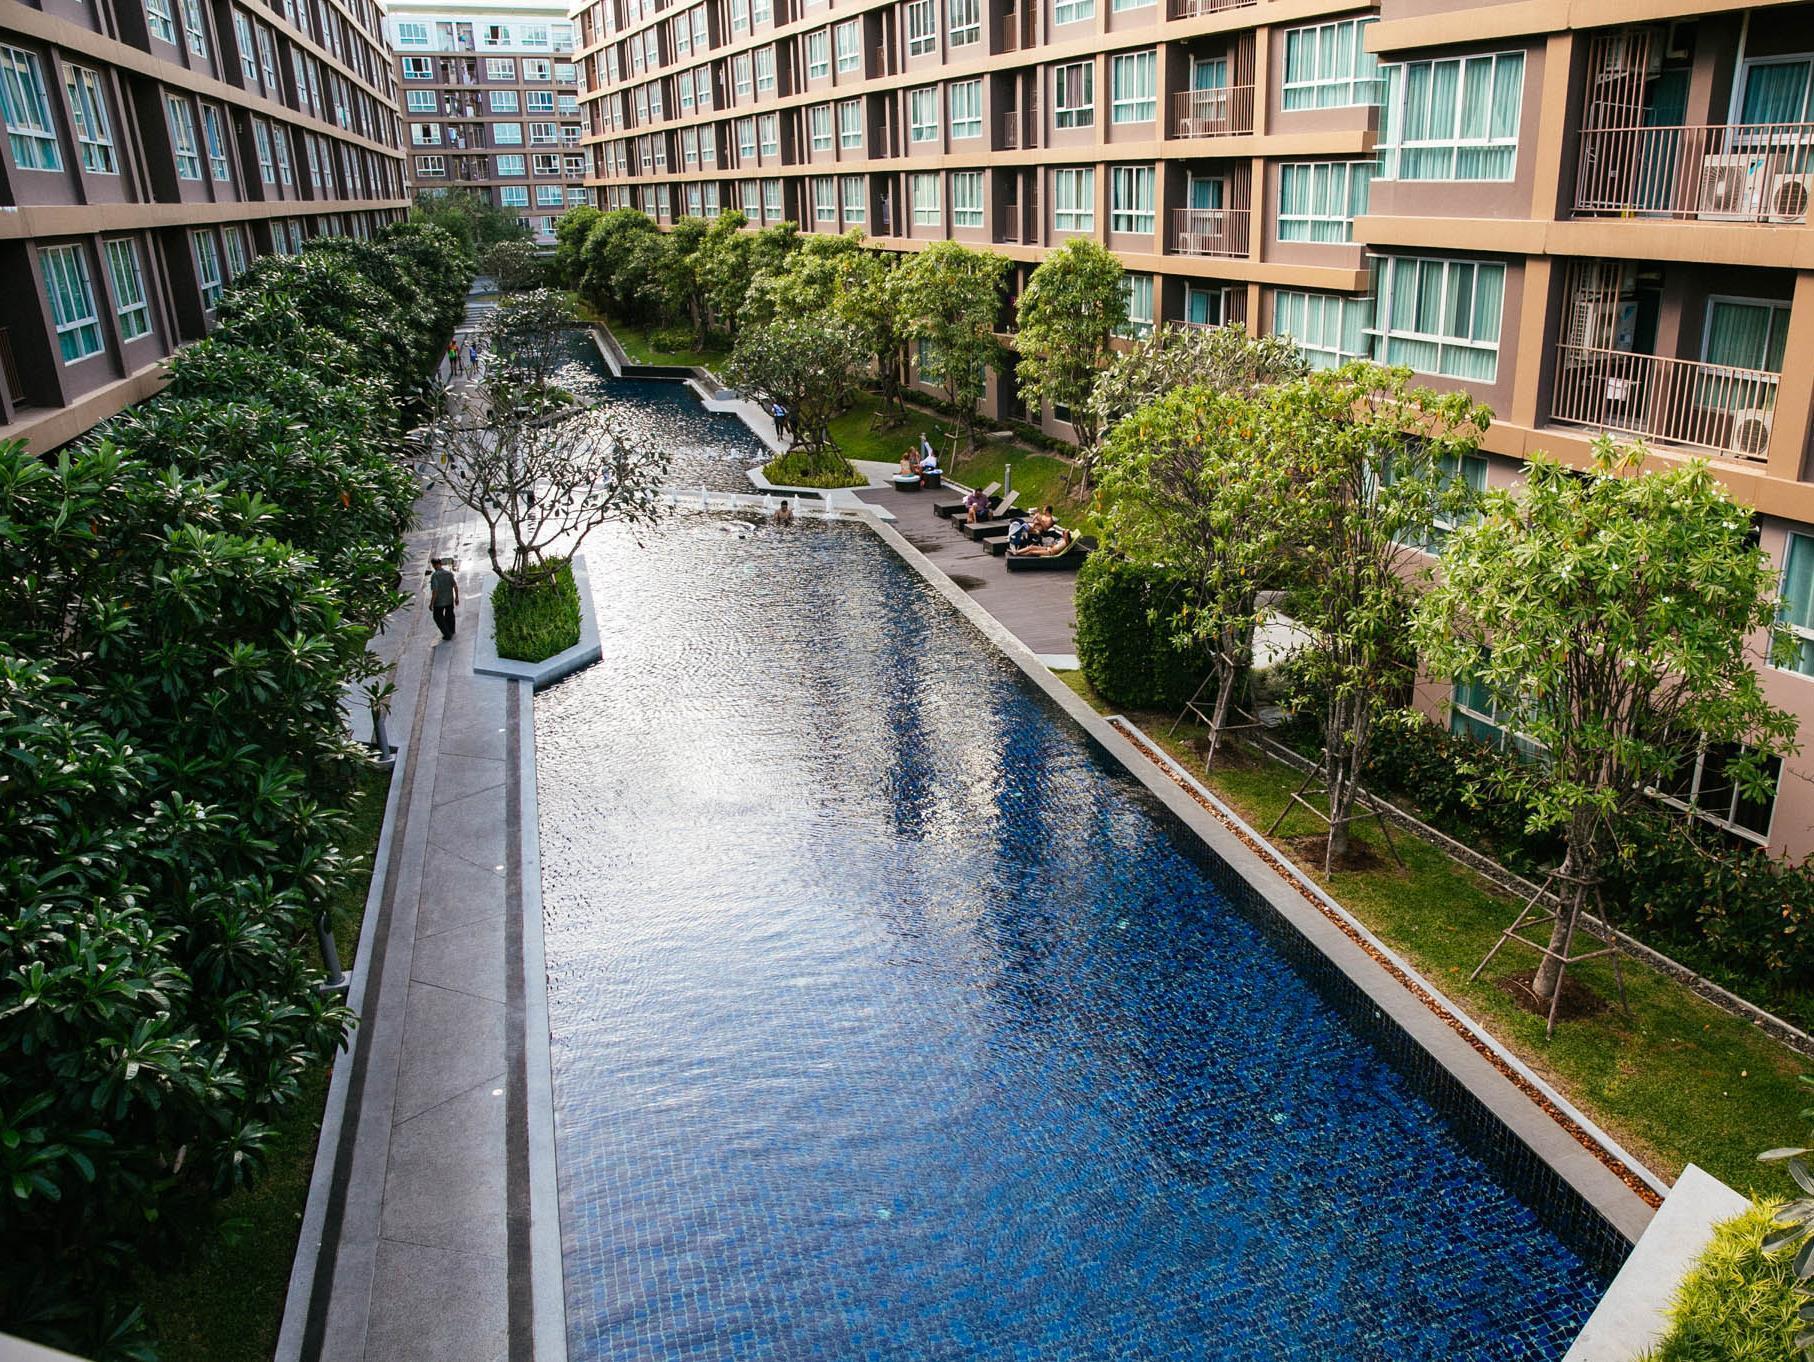 D Condo Creek 8 FL - Hotell och Boende i Thailand i Asien